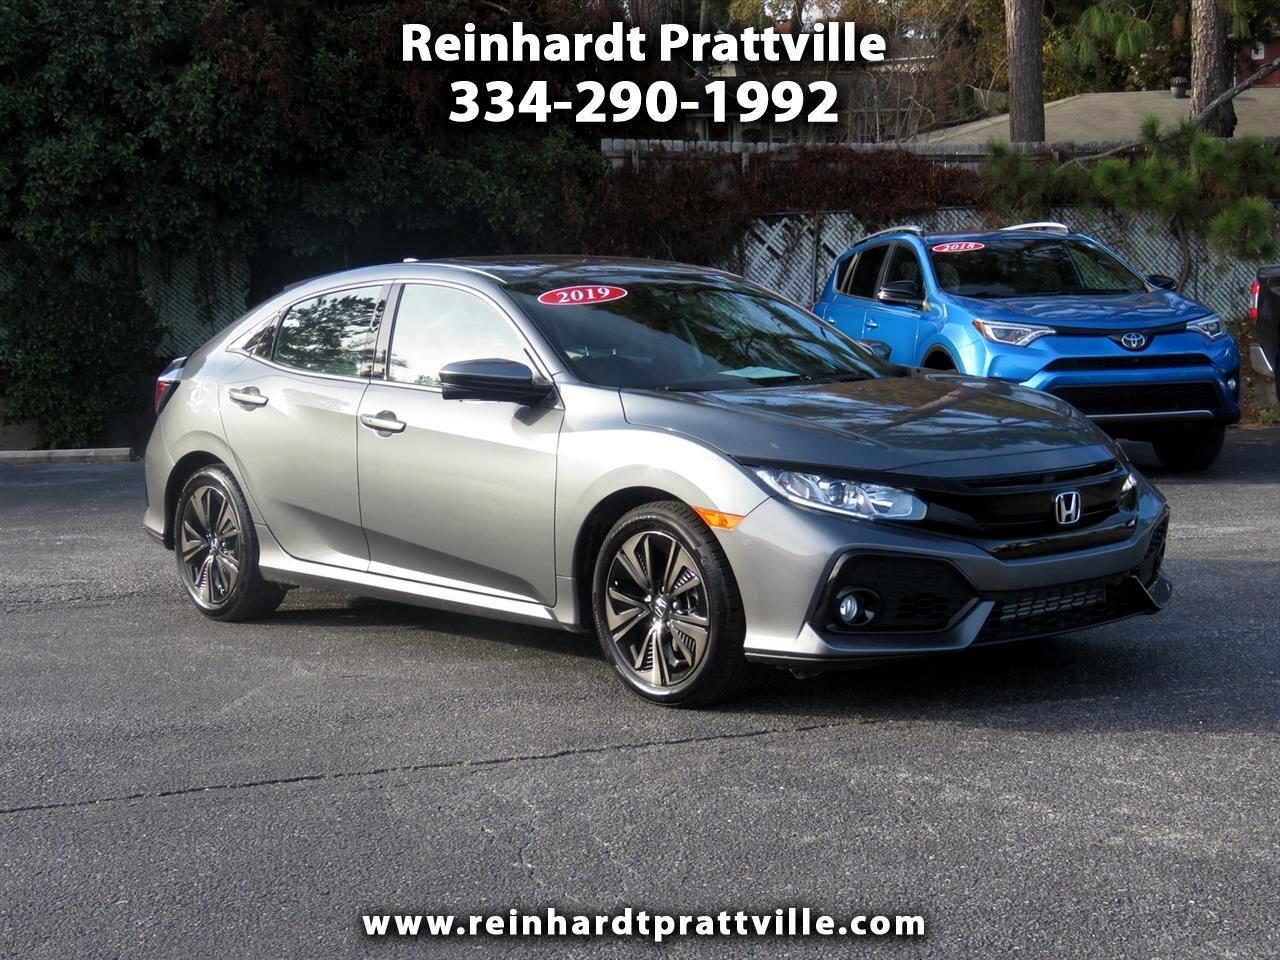 Honda Civic Hatchback EX CVT 2019